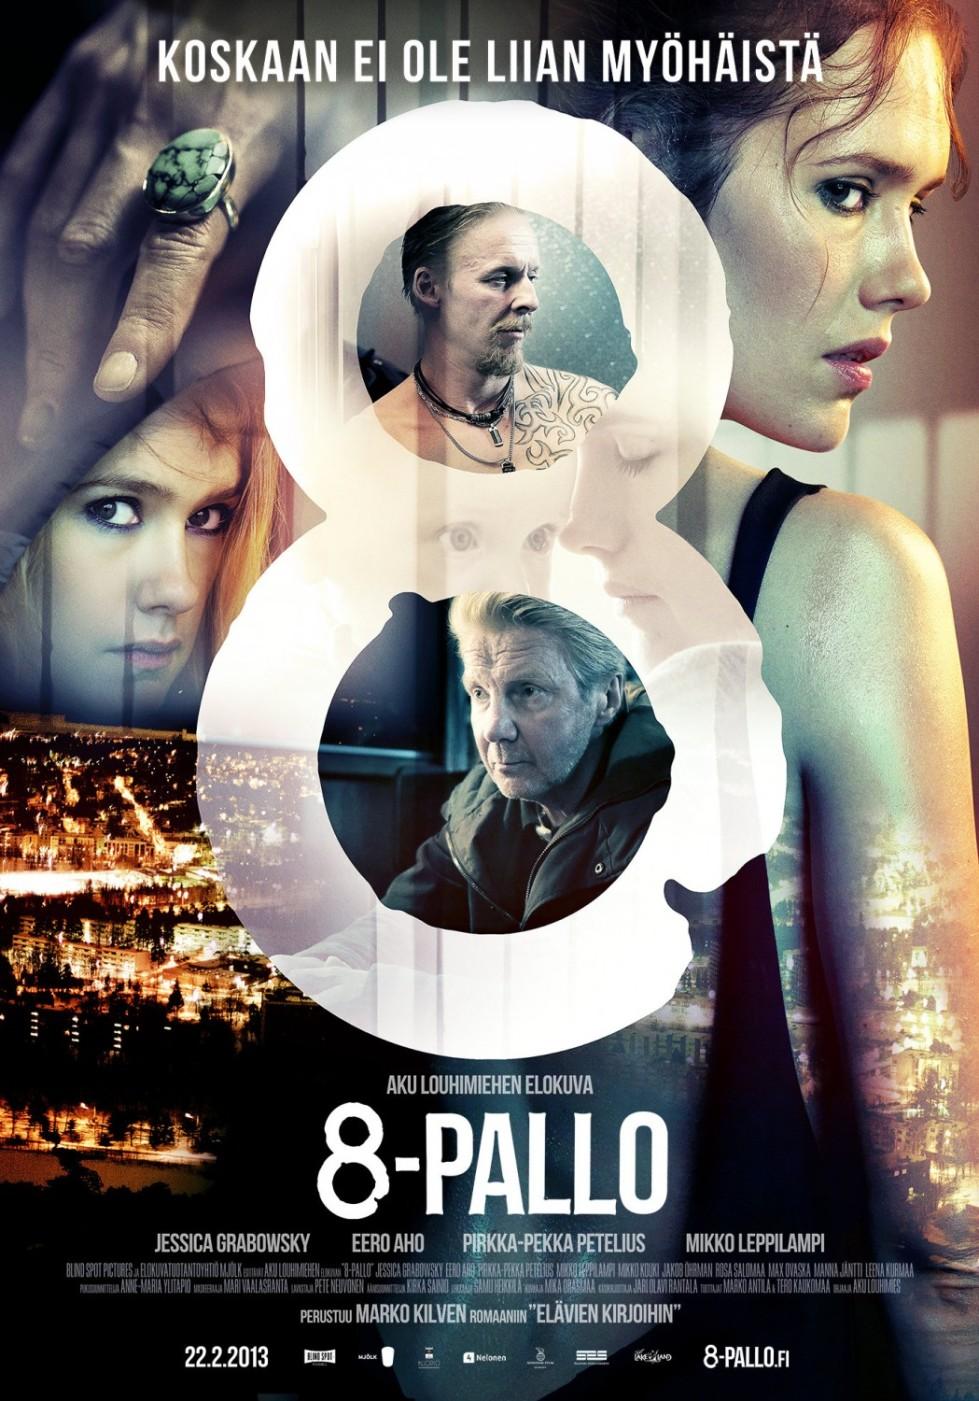 8Pallo